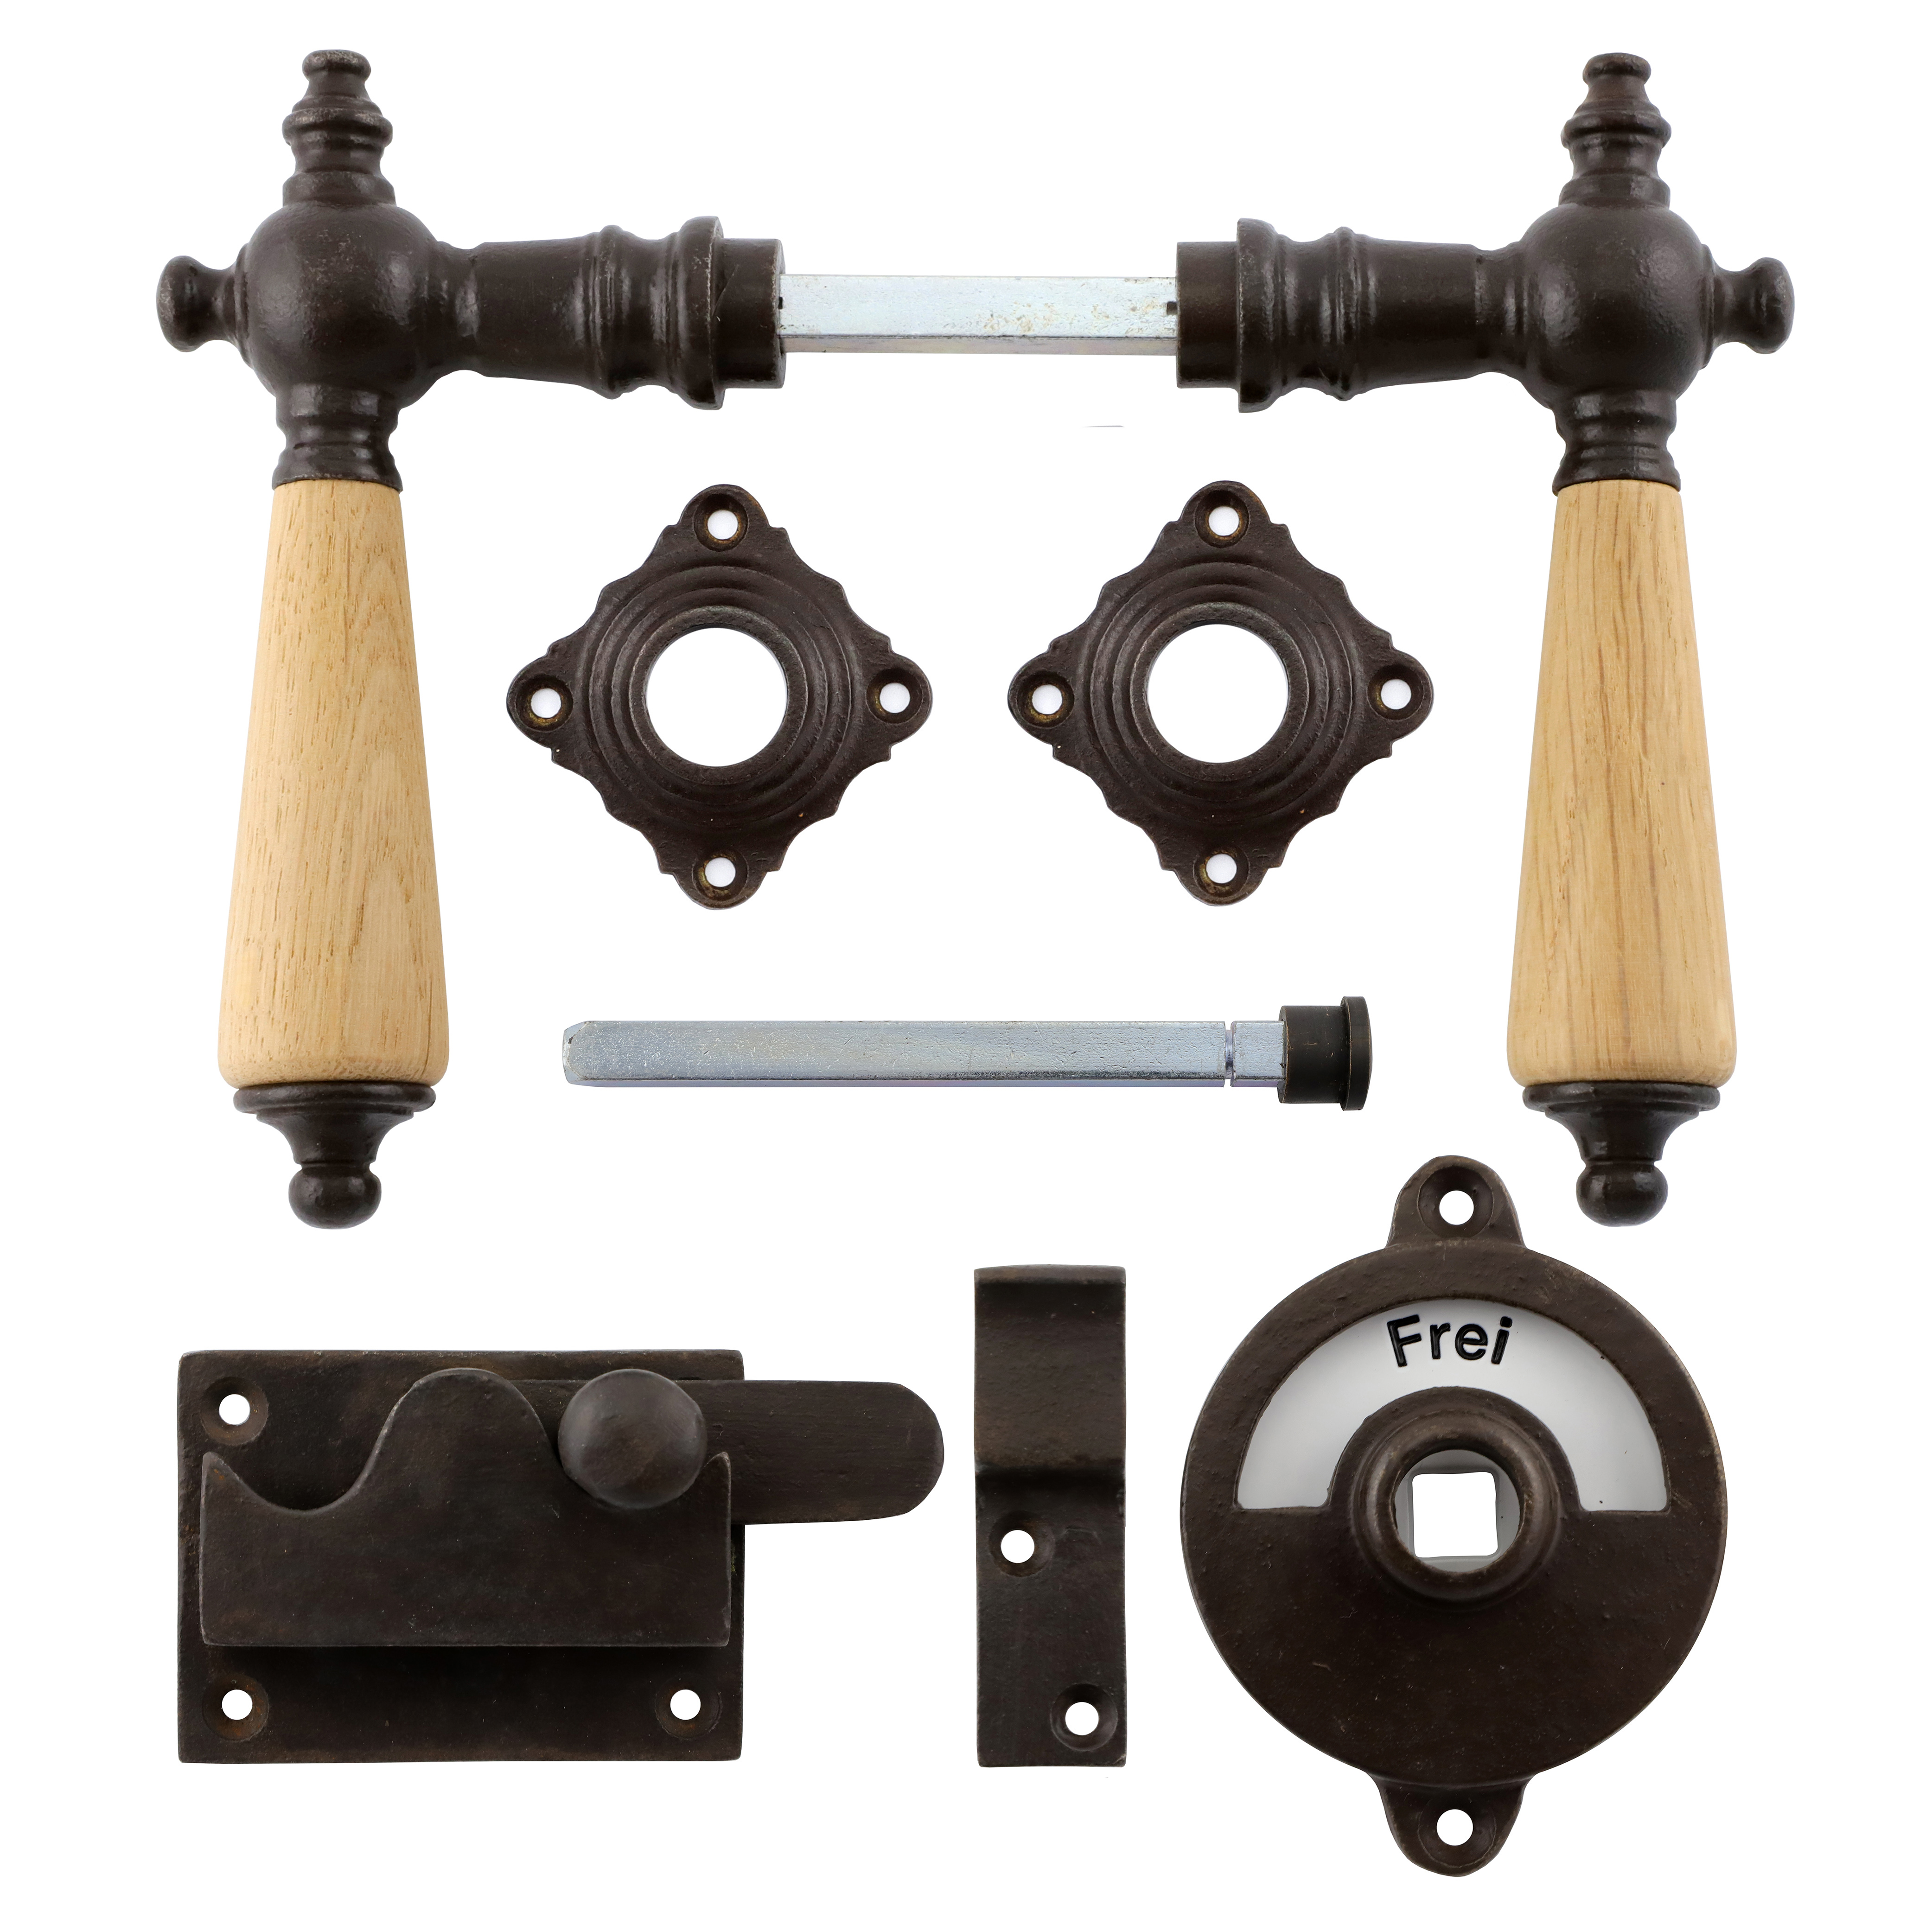 341.0031.60 WC-Türbeschlag / Riegel gerade / Verschluss mit Anzeige Eisen antik